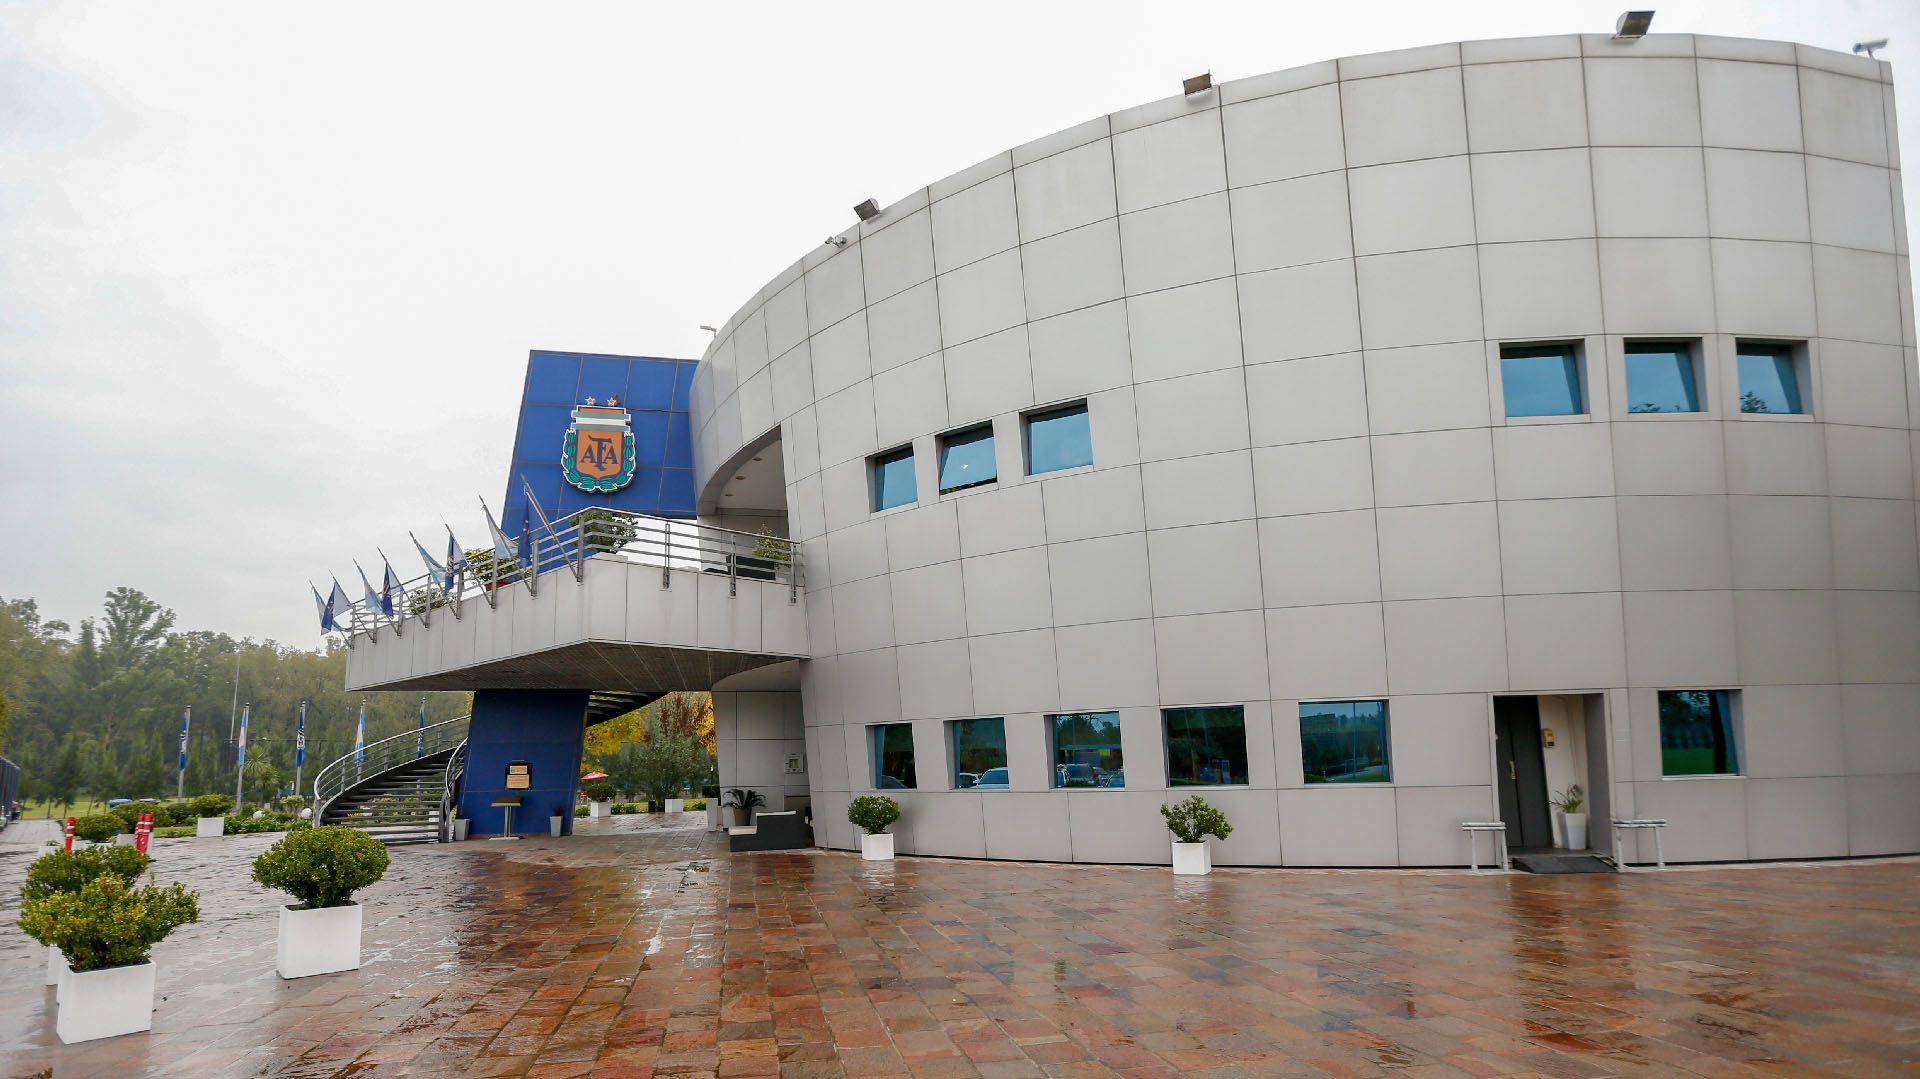 La AFA dispuso de reformas en el complejo nº 2 para que los jugadores de la Selección se preparen de la mejor manera para el Mundial – Fotos: Nicolás Aboaf